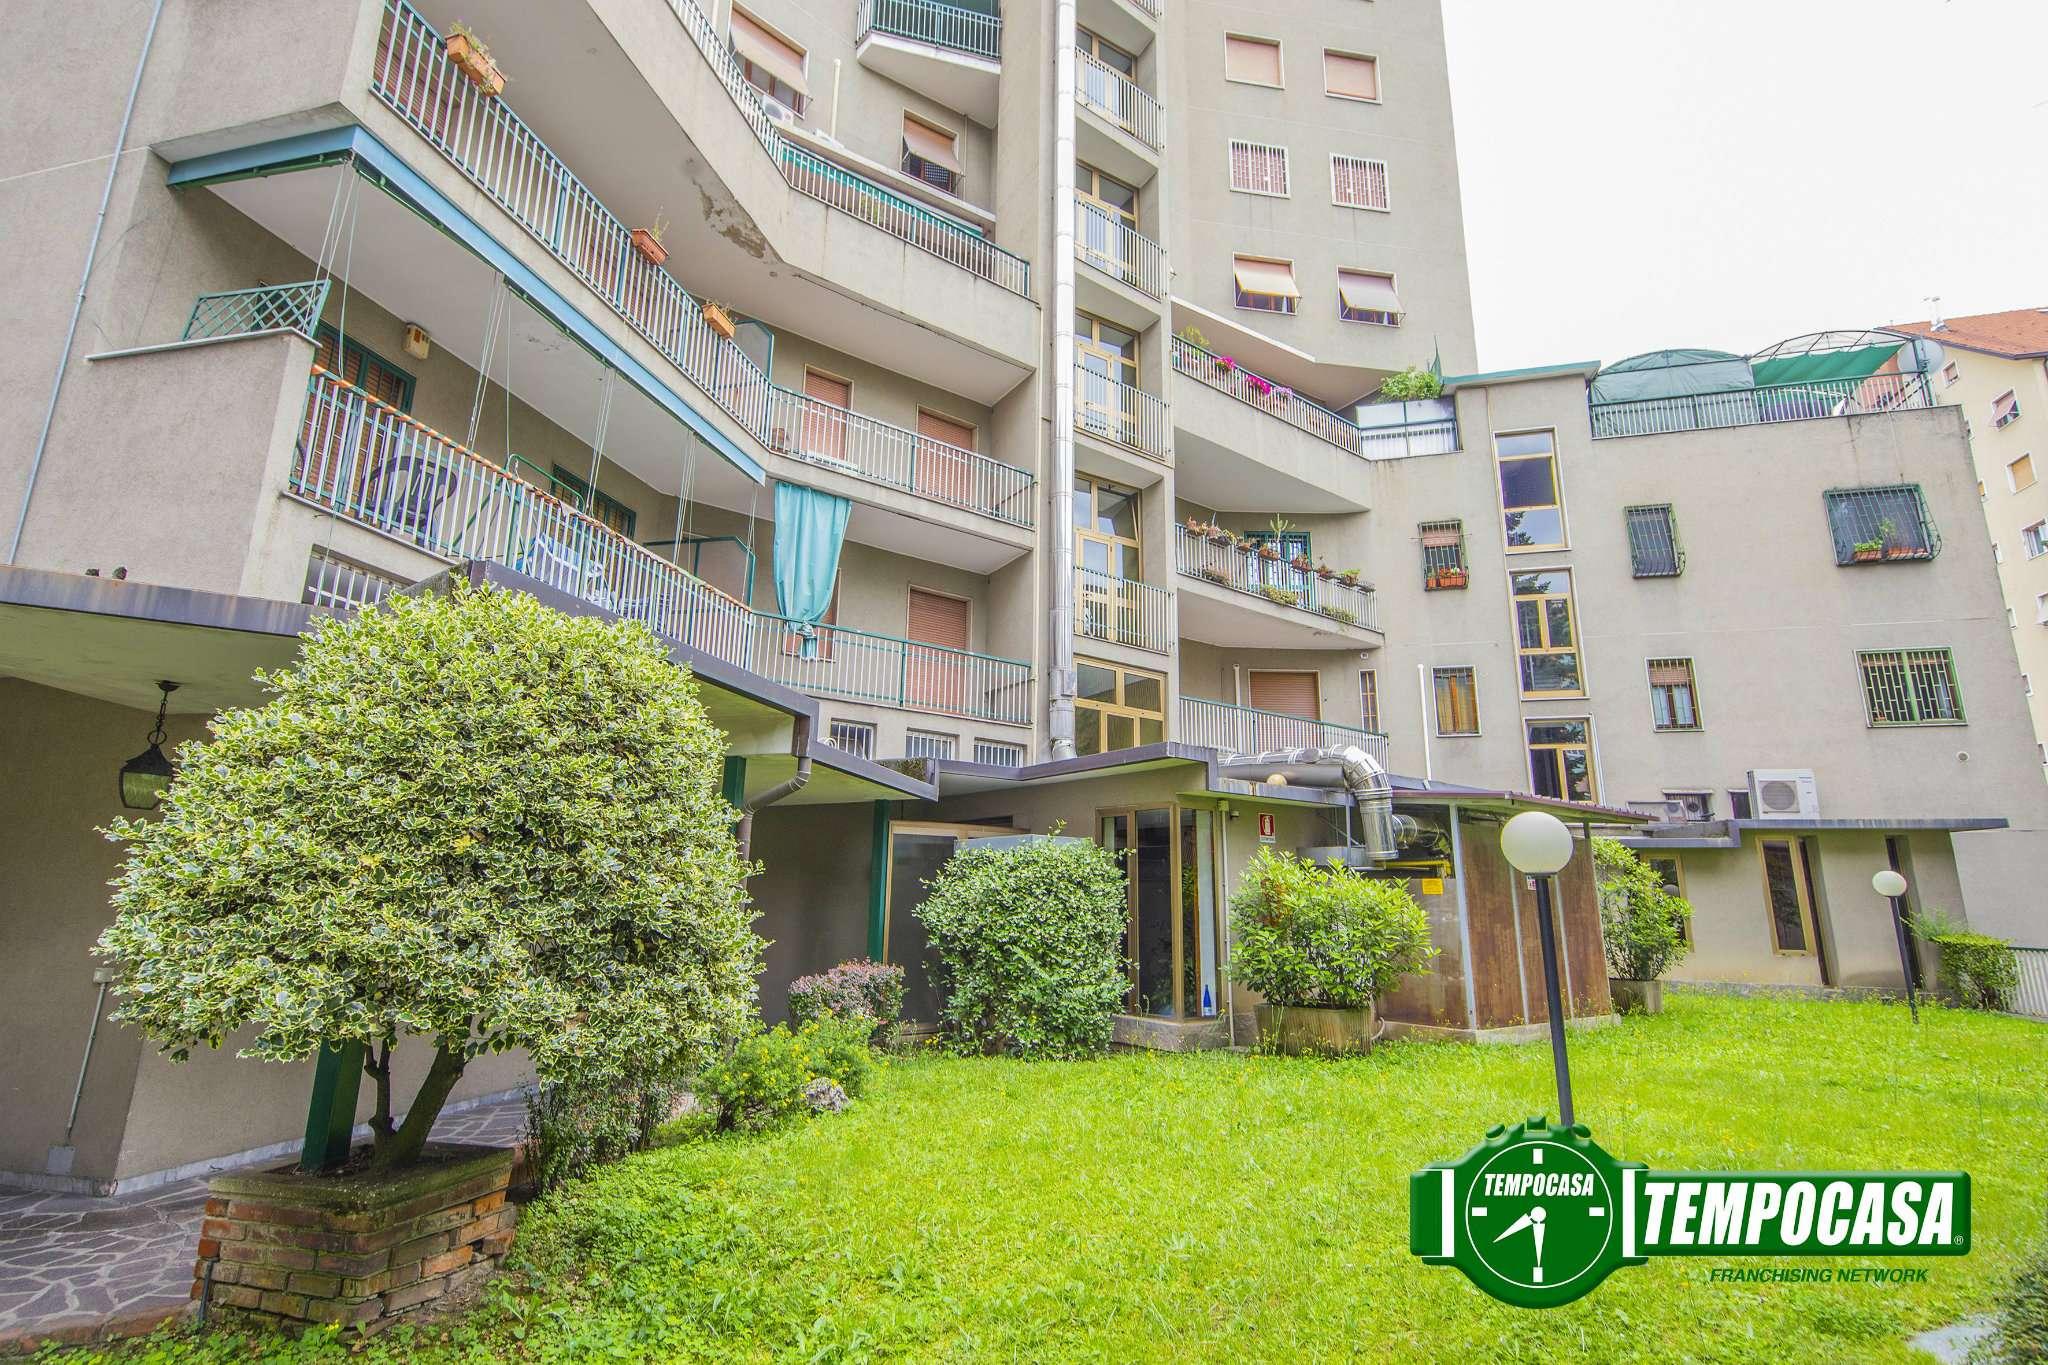 Appartamento in vendita a Bresso, 1 locali, prezzo € 65.000 | CambioCasa.it